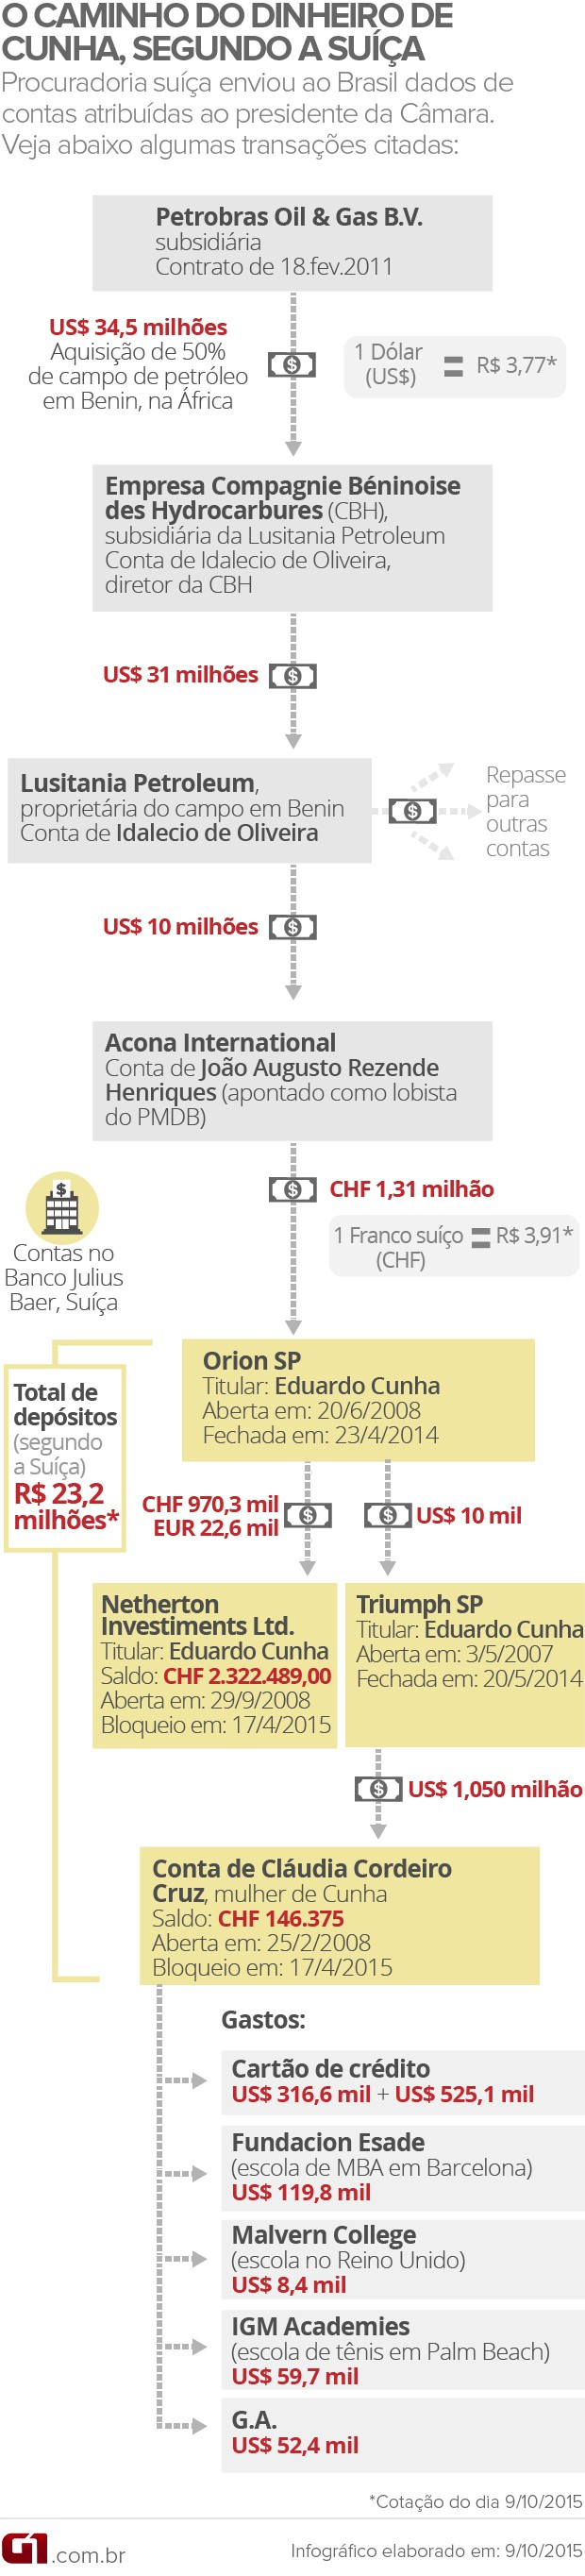 O caiminho do dinheiro atribuído a Eduardo Cunha (VALE ESTA 2)